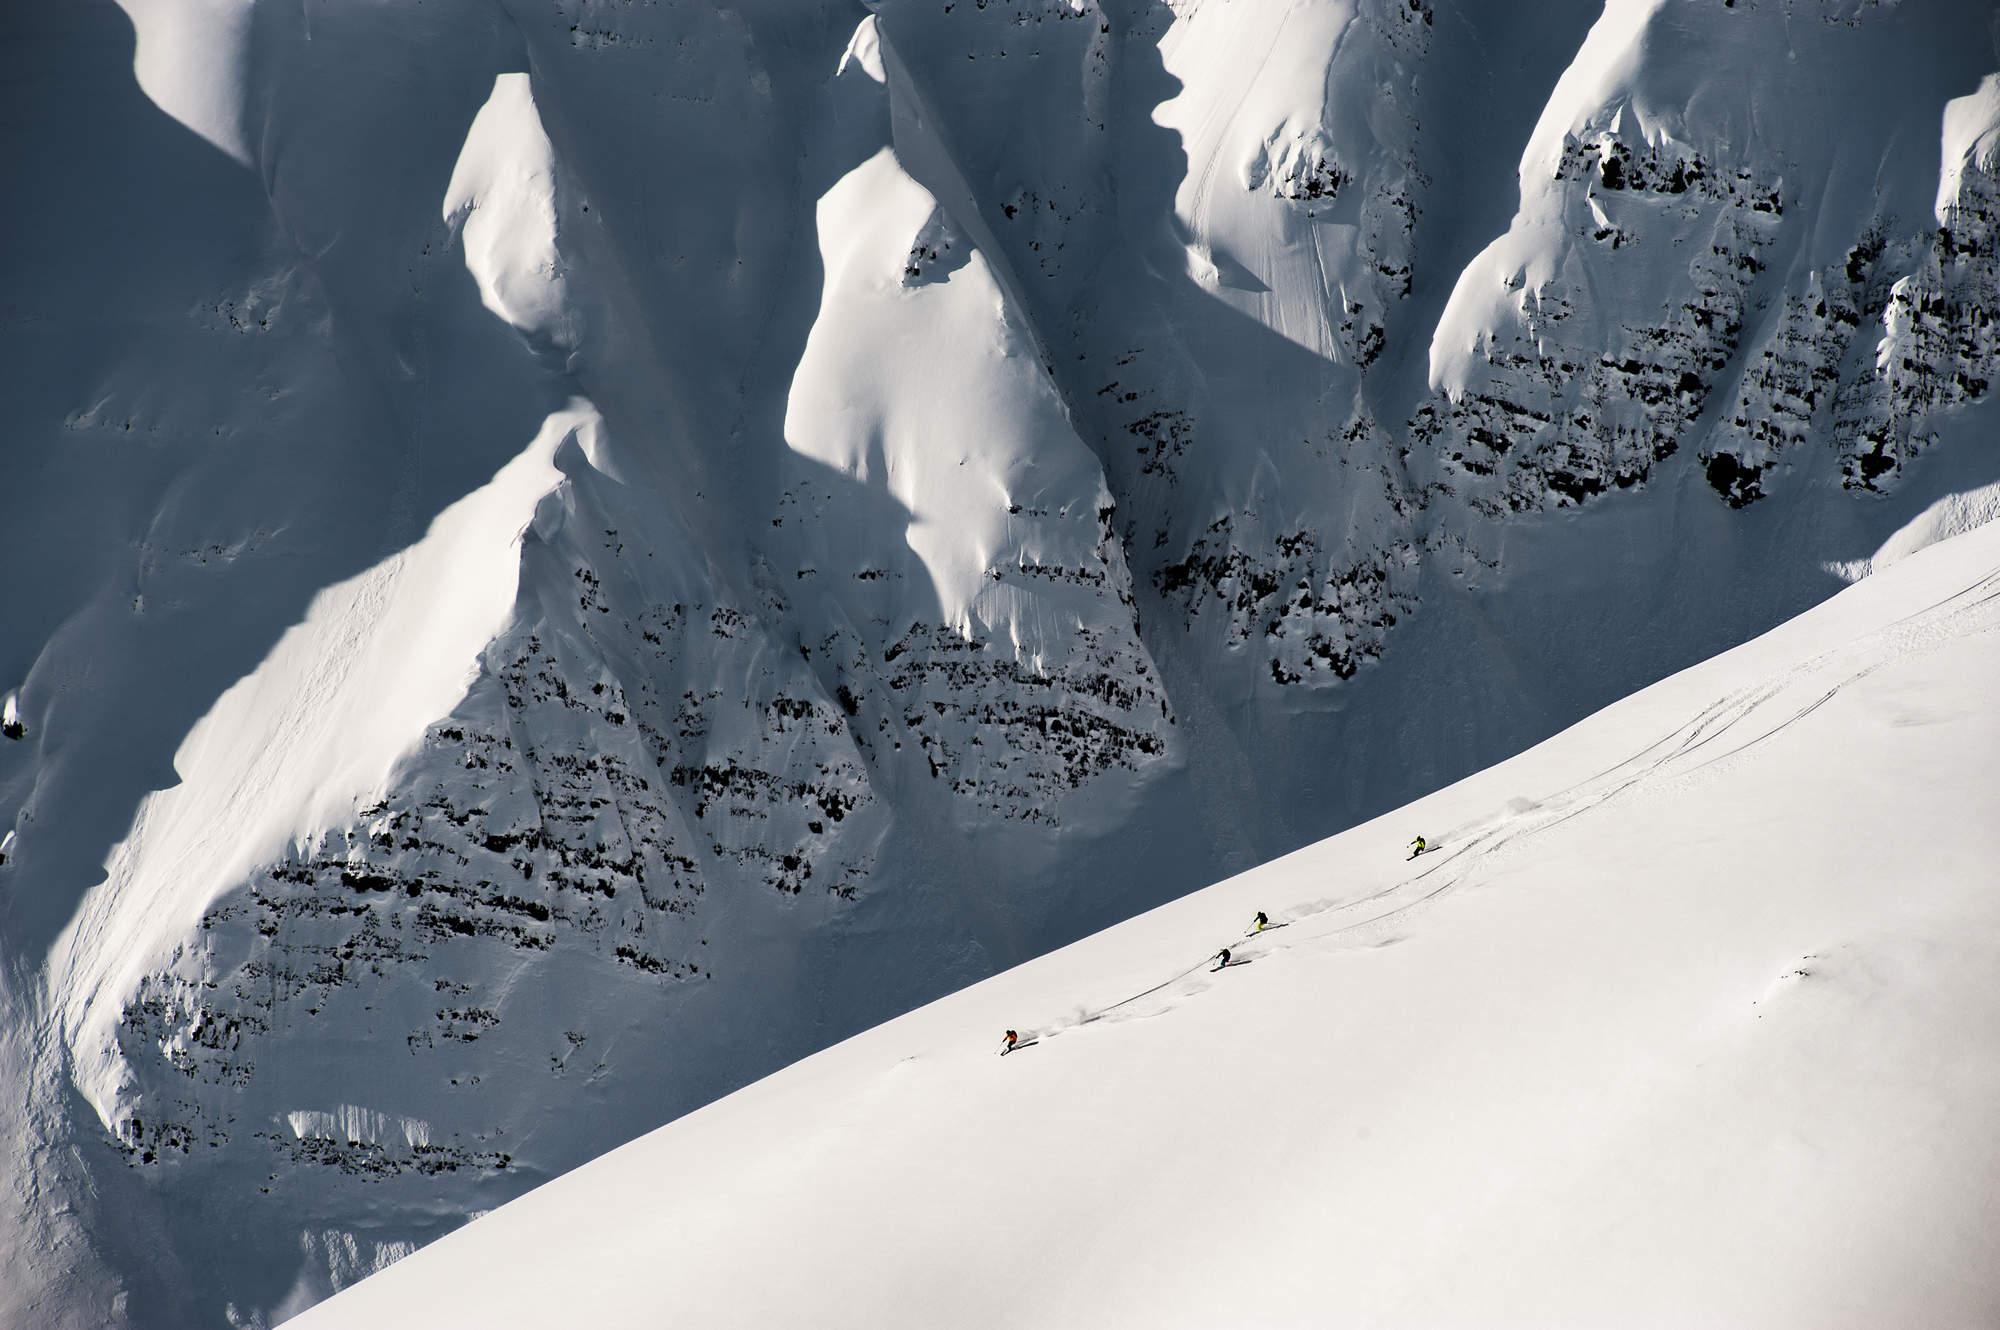 7 Heli Skiing Alpine